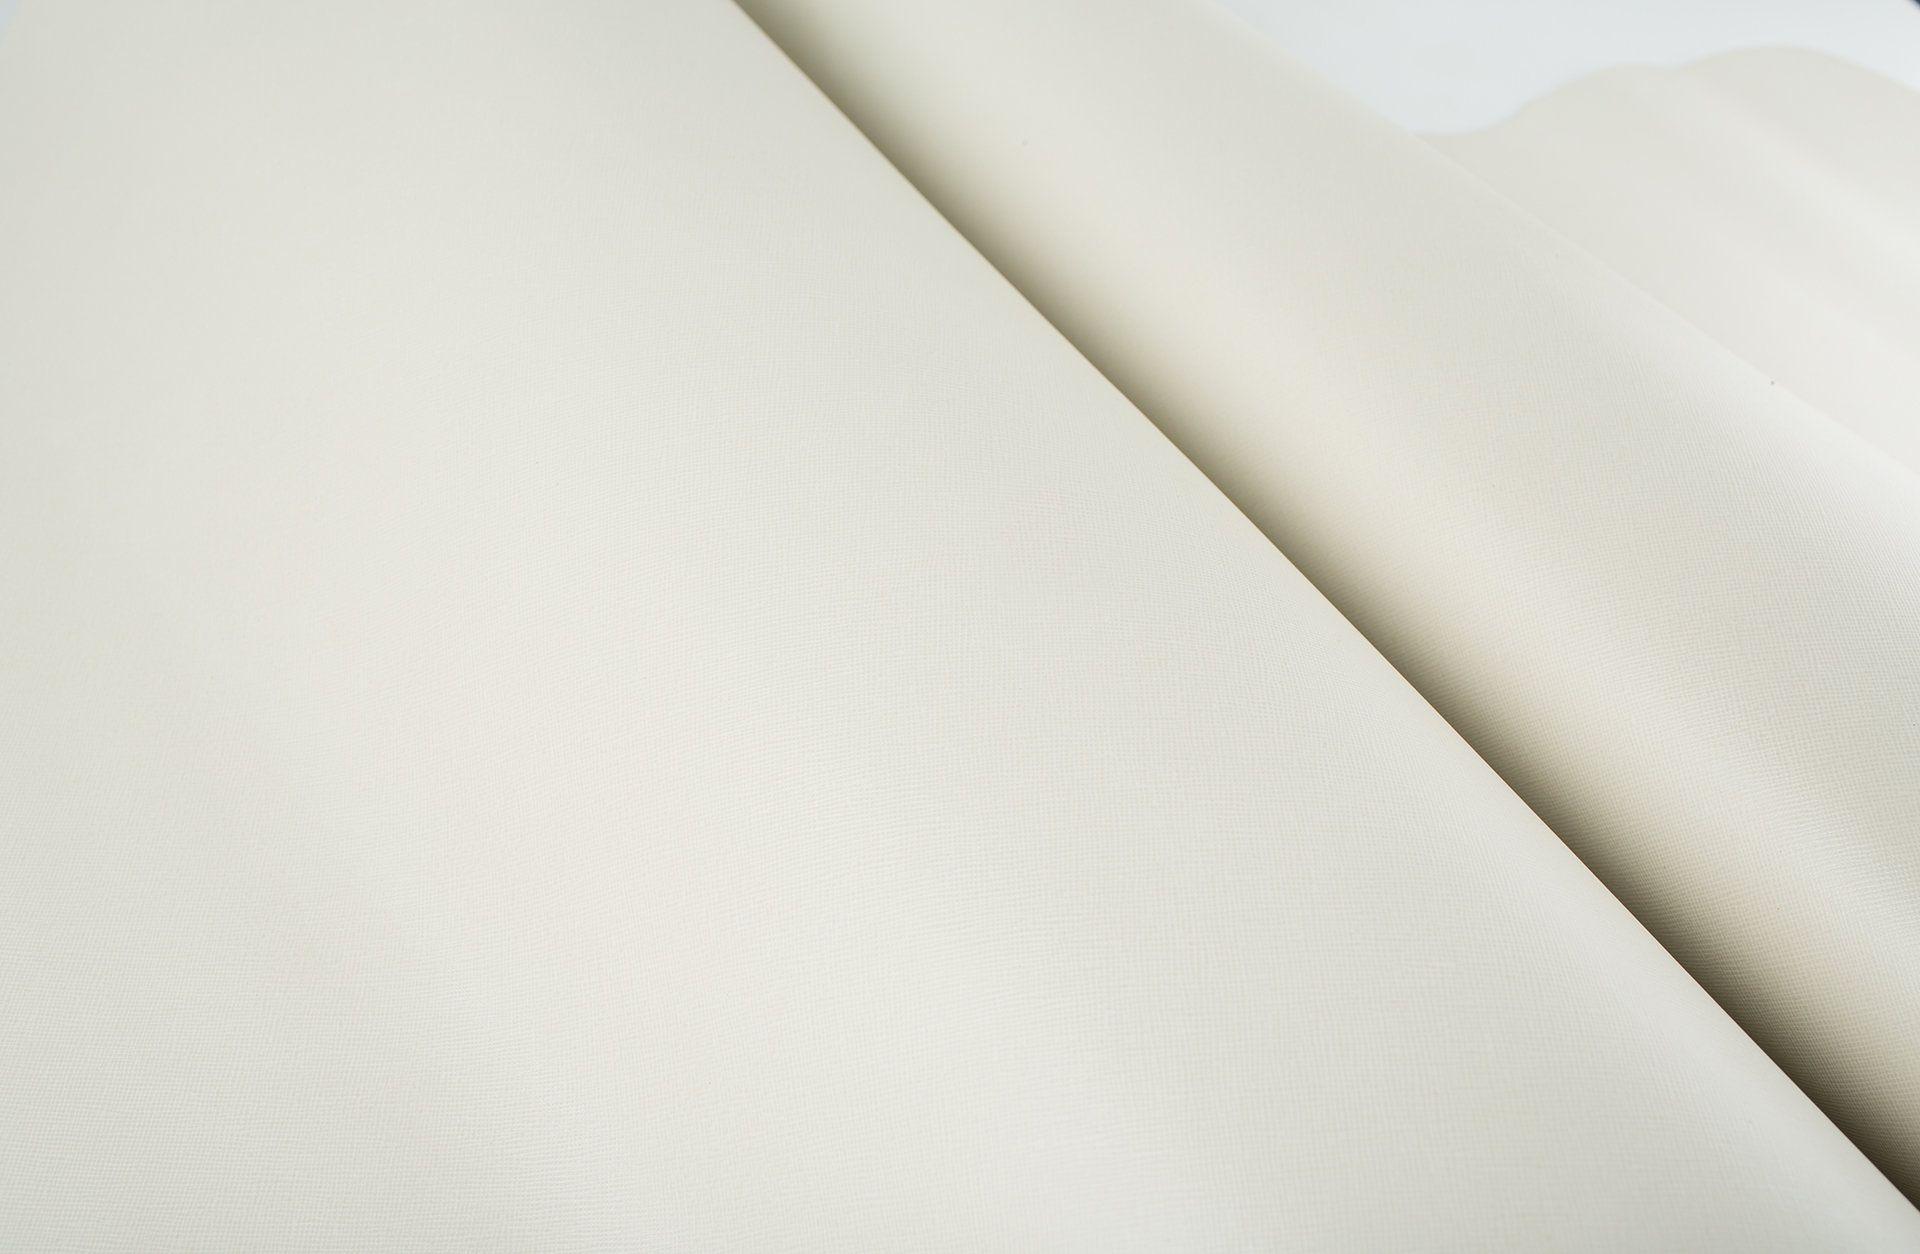 WHITE  ITALIAN SAFFIANO Leather Calf Cow Hide Scraps Scrap Square Pieces